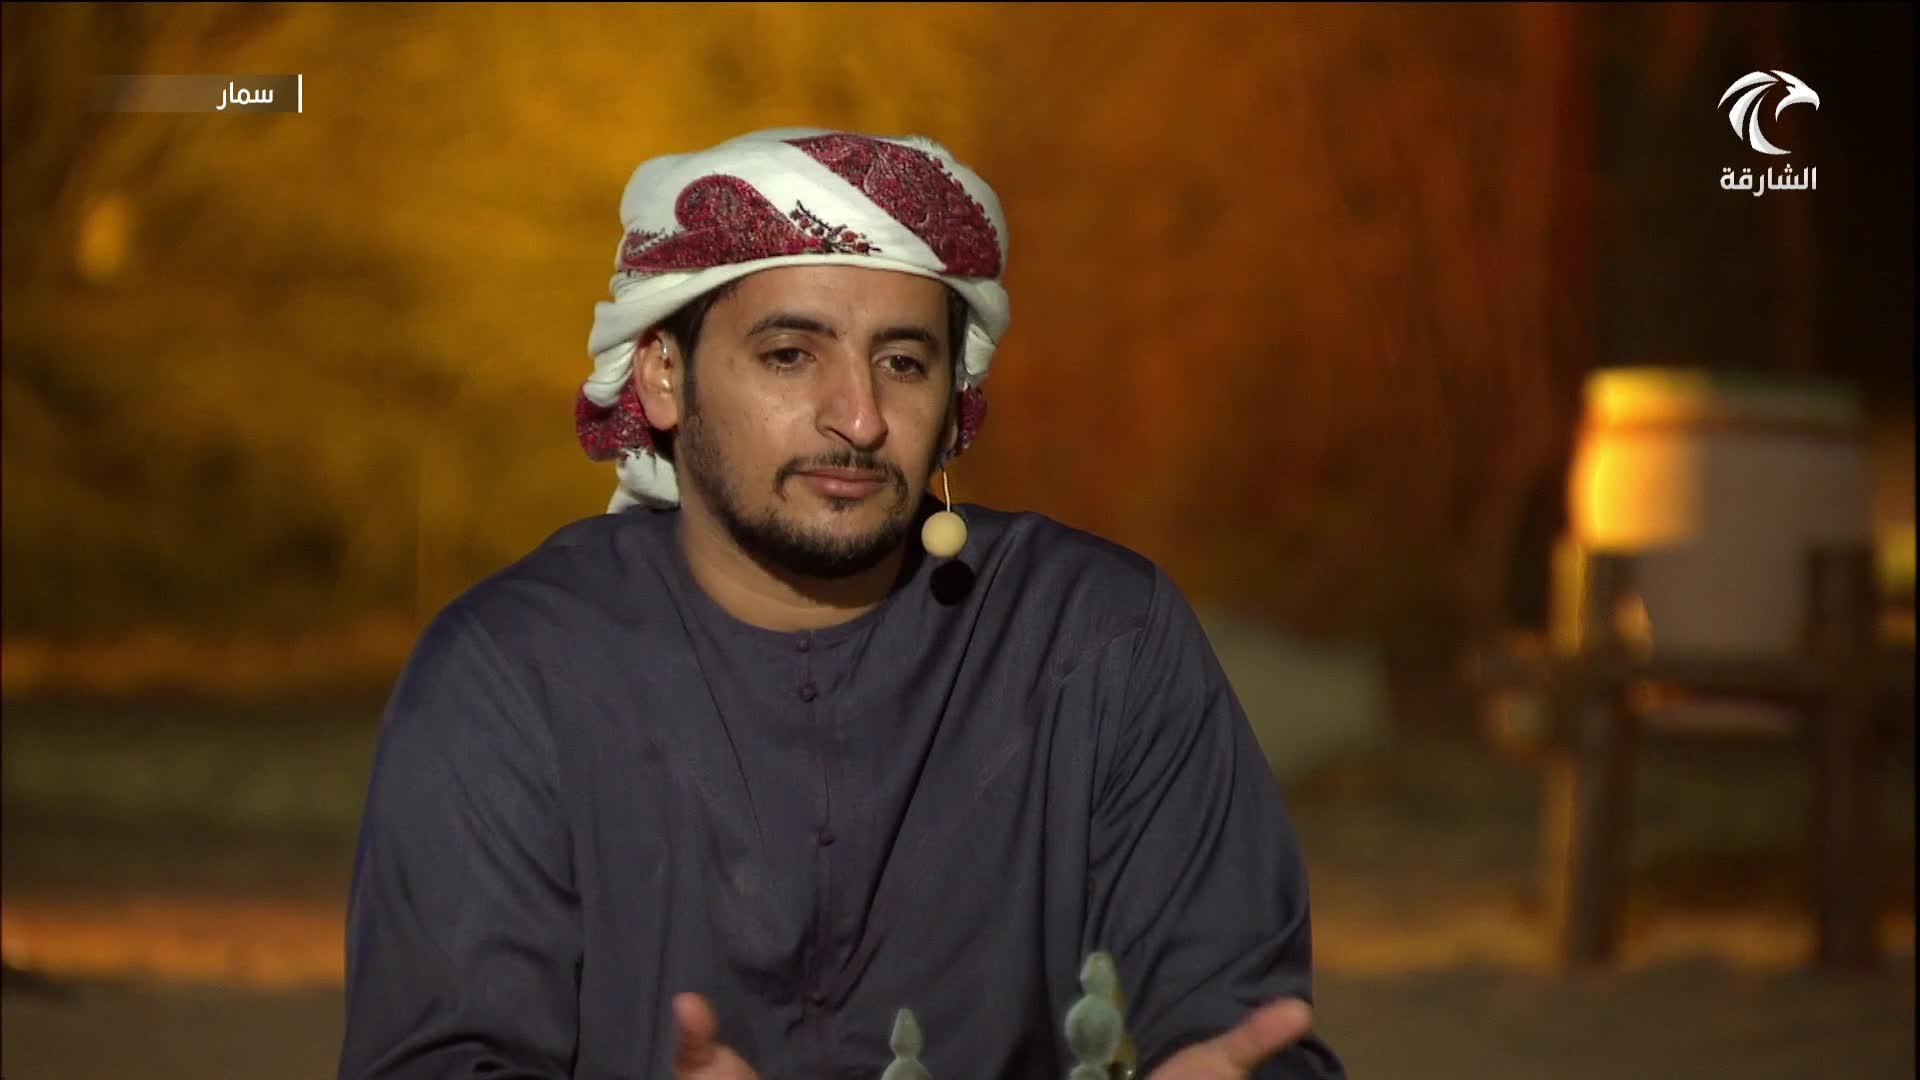 الشاعر / محمد المصعبي